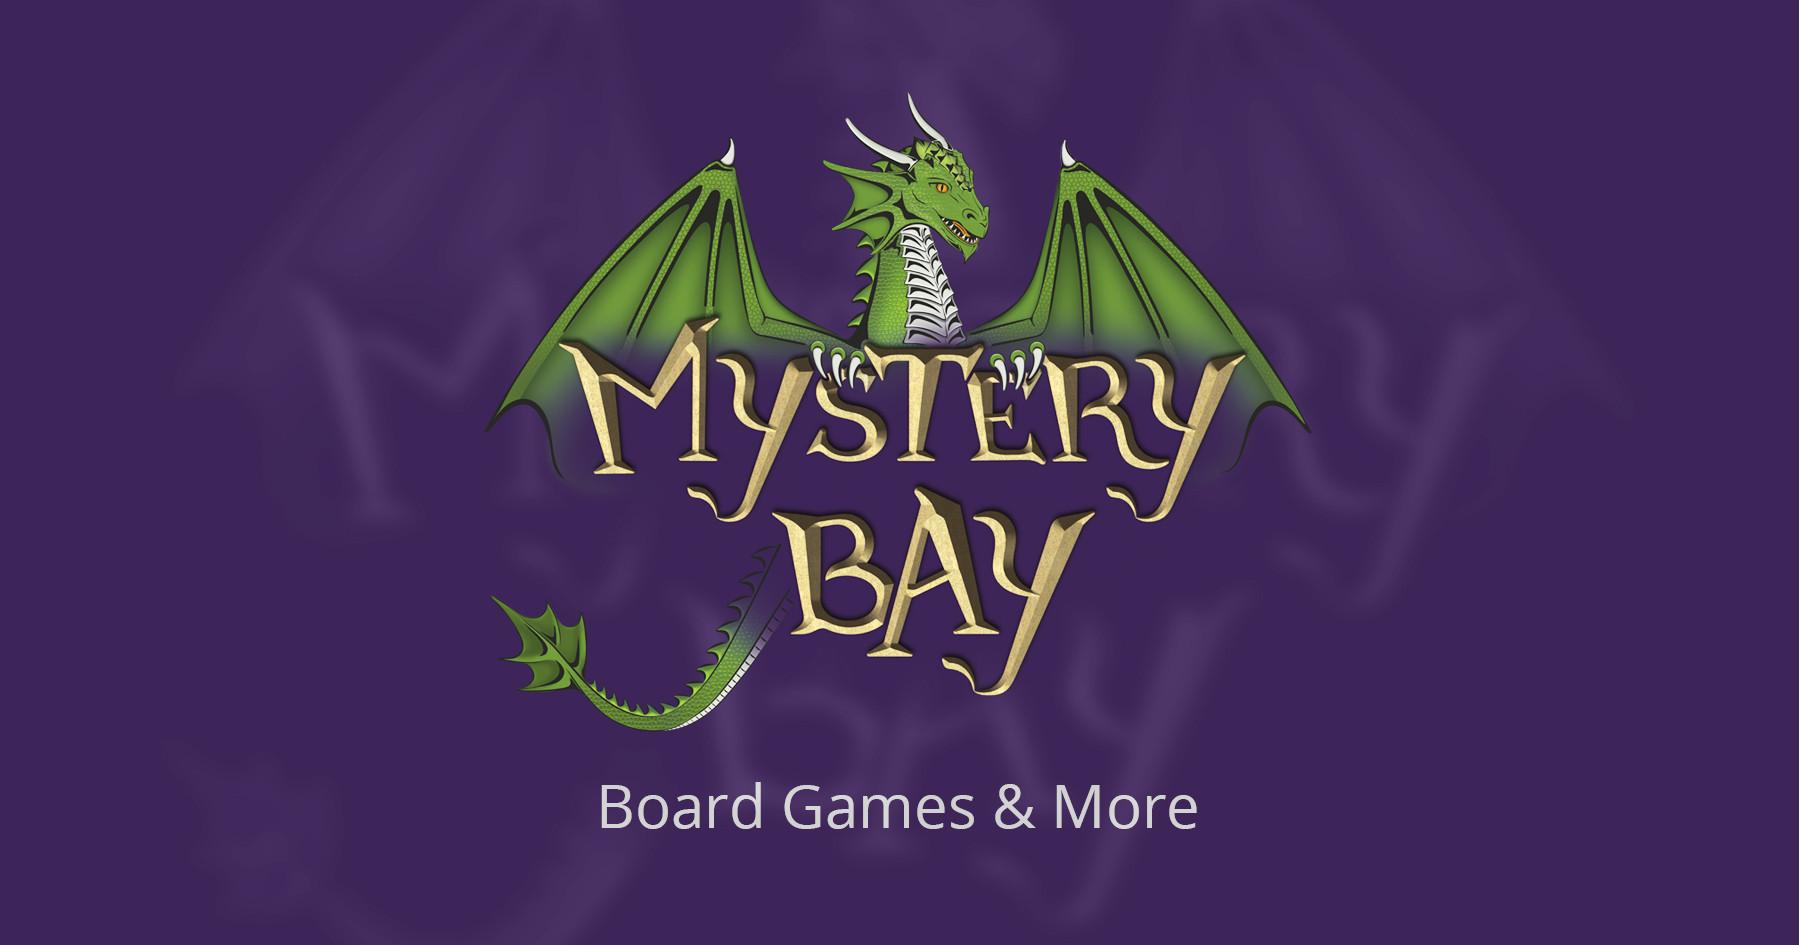 www.mystery-bay.com